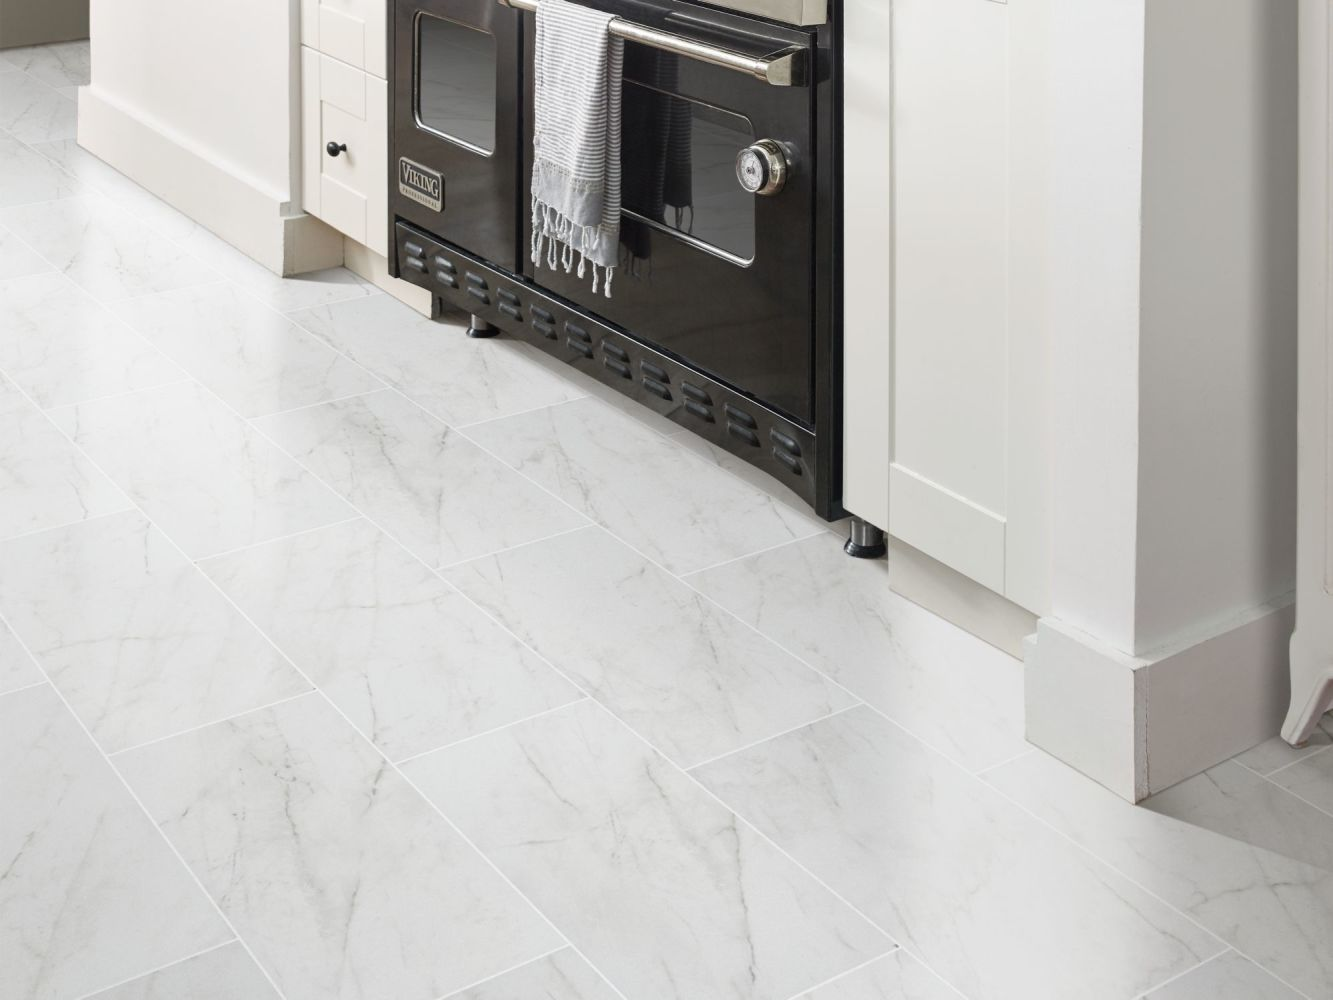 Shaw Floors Ceramic Solutions Altezza 12×24 Carrara 00150_CS85X